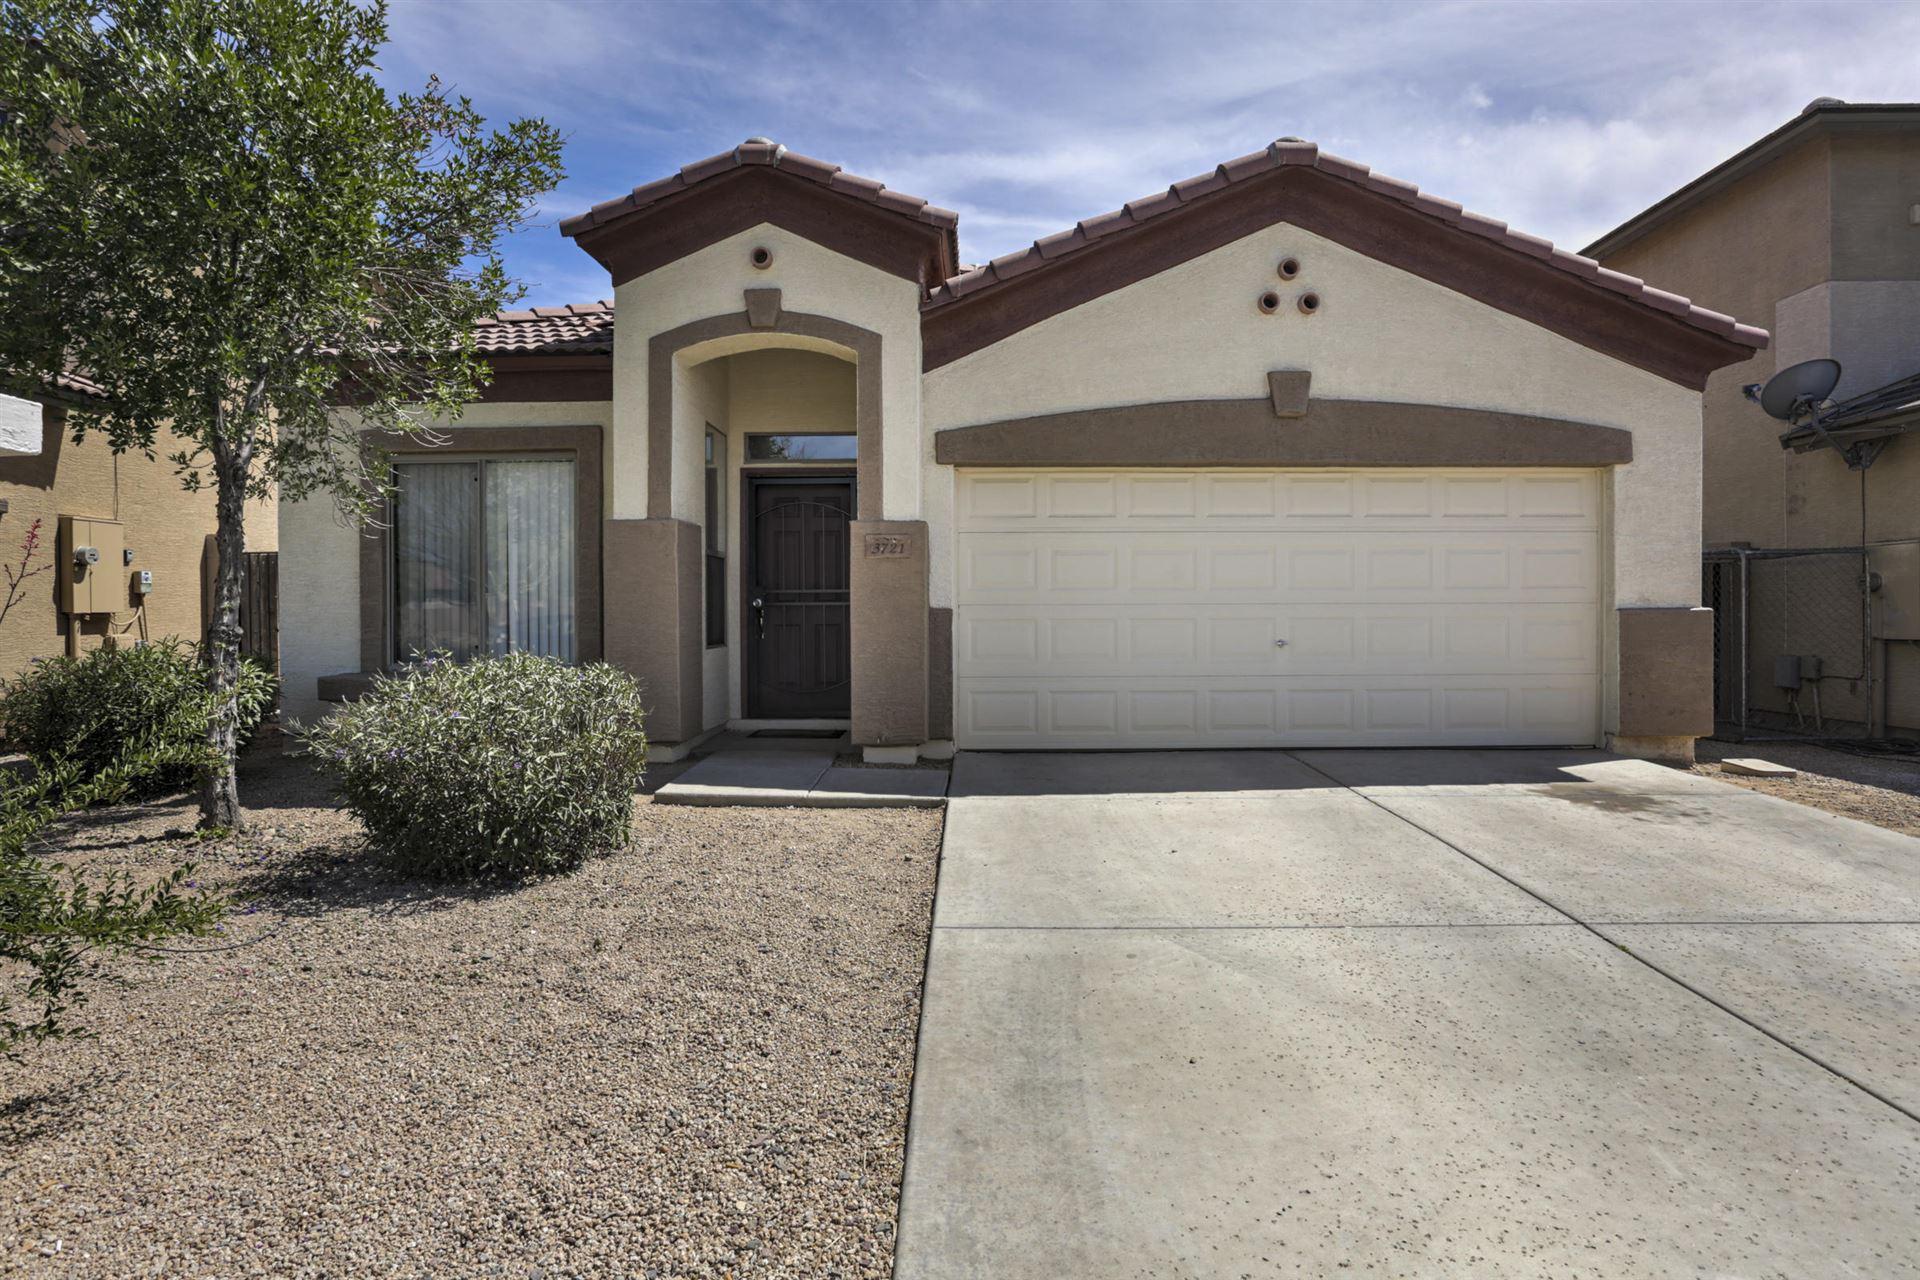 3721 W IRWIN Avenue, Phoenix, AZ 85041 - MLS#: 6216640